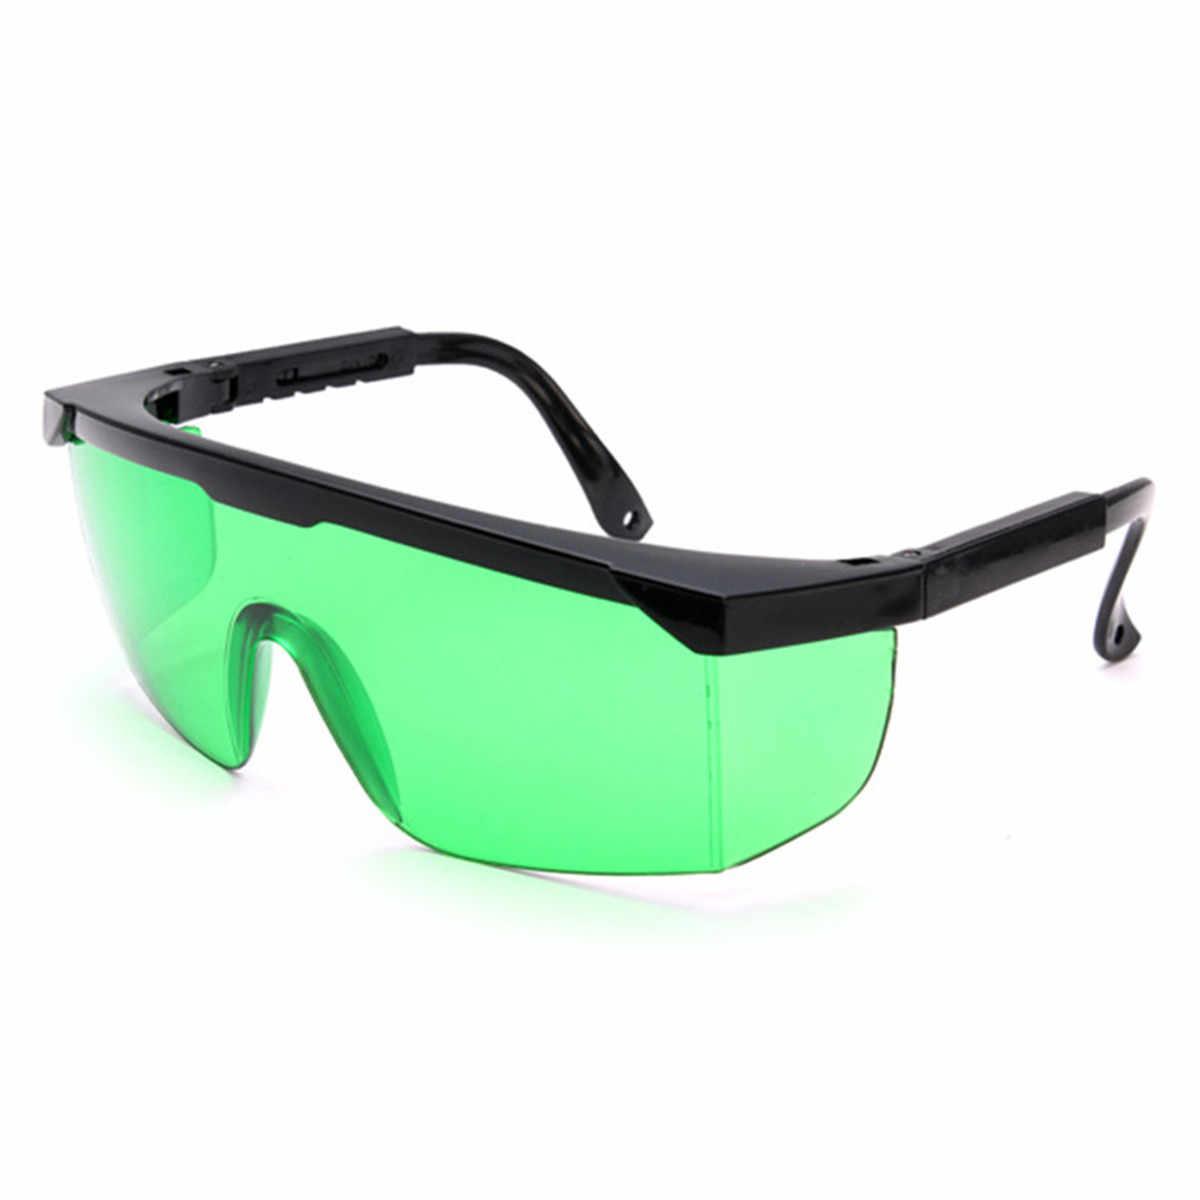 כחול-סגול לייזר משקפי בטיחות משקפיים מגן לייזר עבור 200-540nm כחול-לייזרים ויולט חריטת מכונת